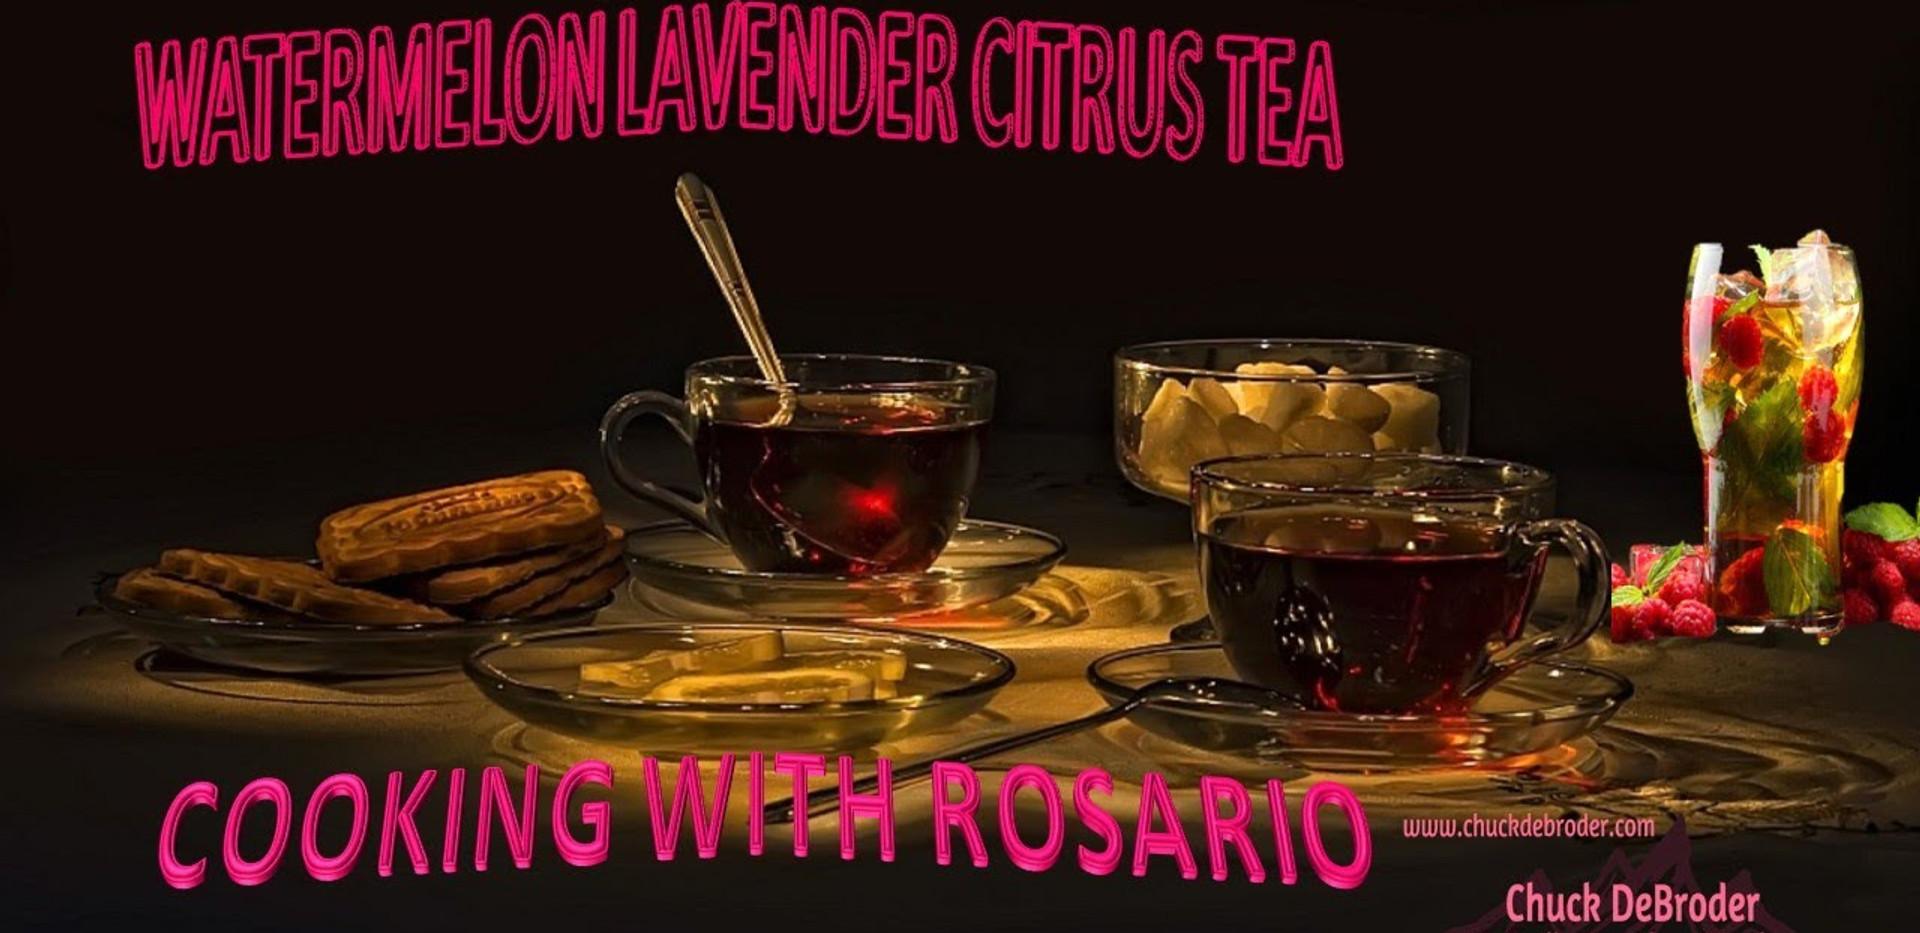 WATERMELON LAVENDER CITRUS TEA